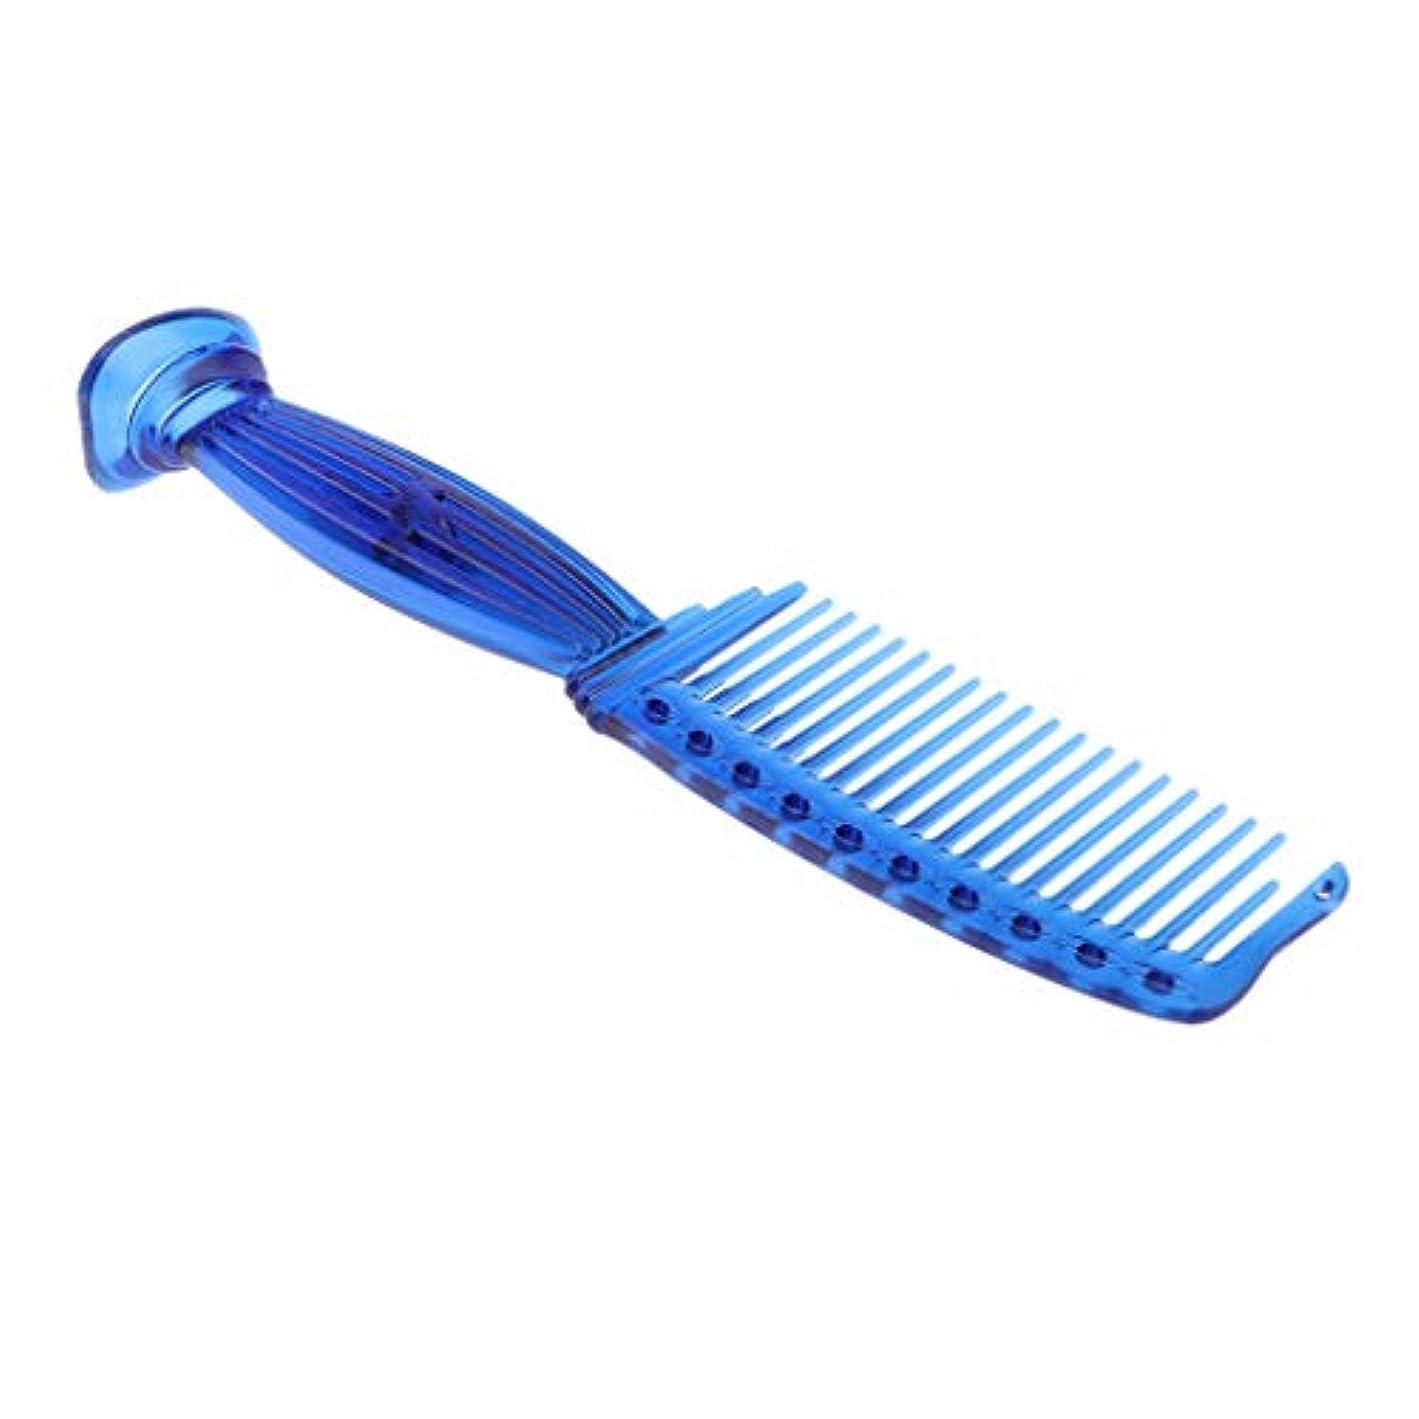 ハドル好きである余剰櫛 ワイド歯 スムースコーム プラスチック ヘアブラシ 5色選べ - 青